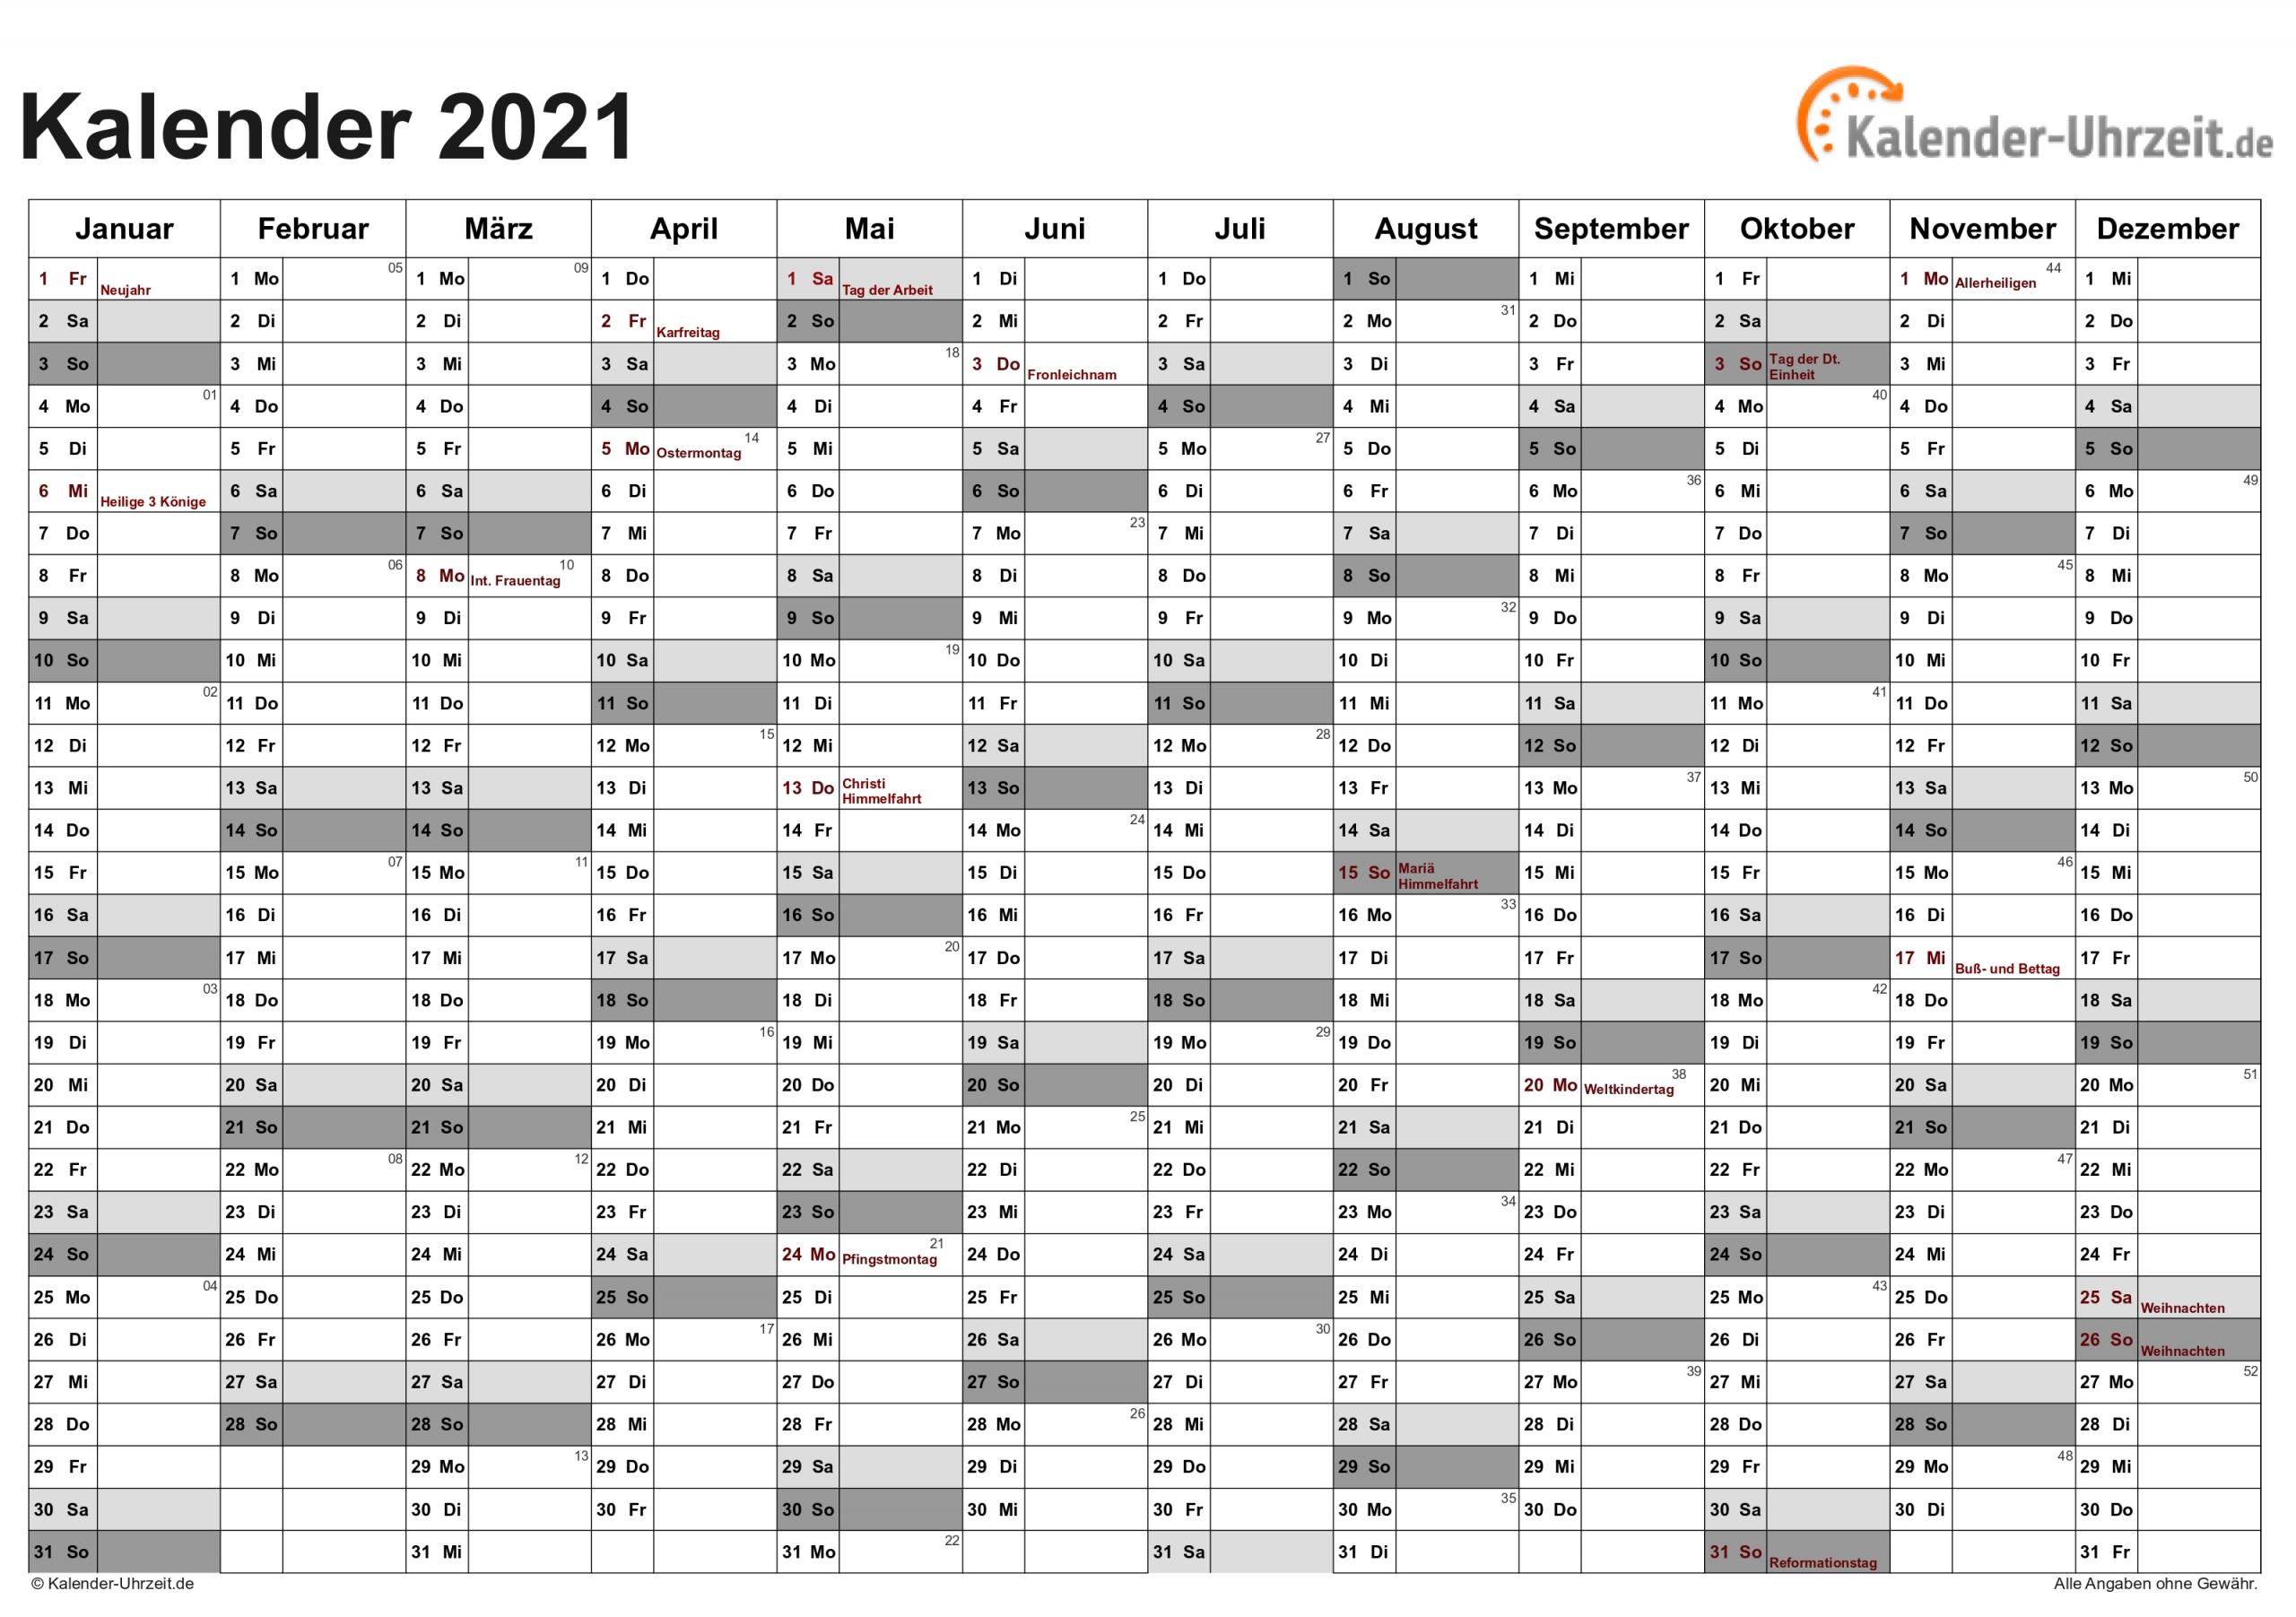 Get Kalender 2021 Zum Ausdrucken